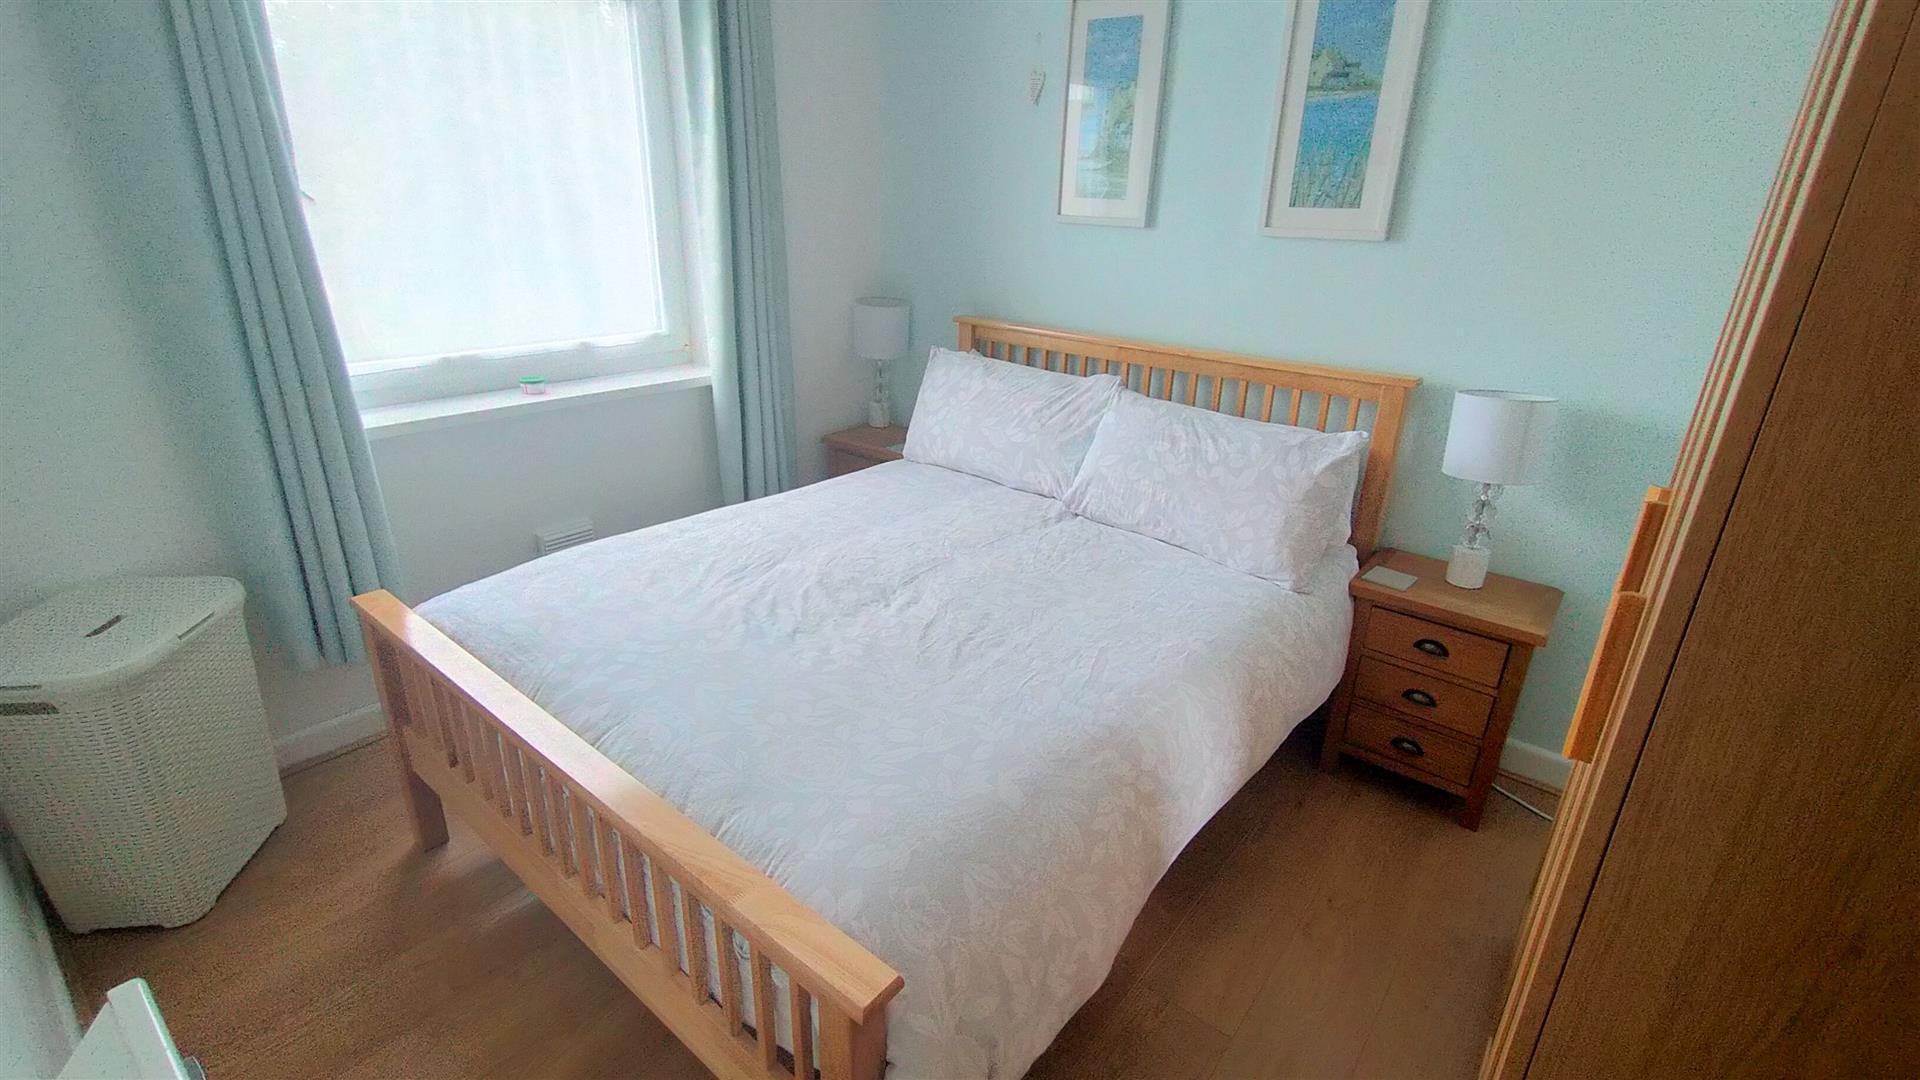 Gower Holiday Village, Monksland Road, Reynoldston, Swansea, SA3 1AY